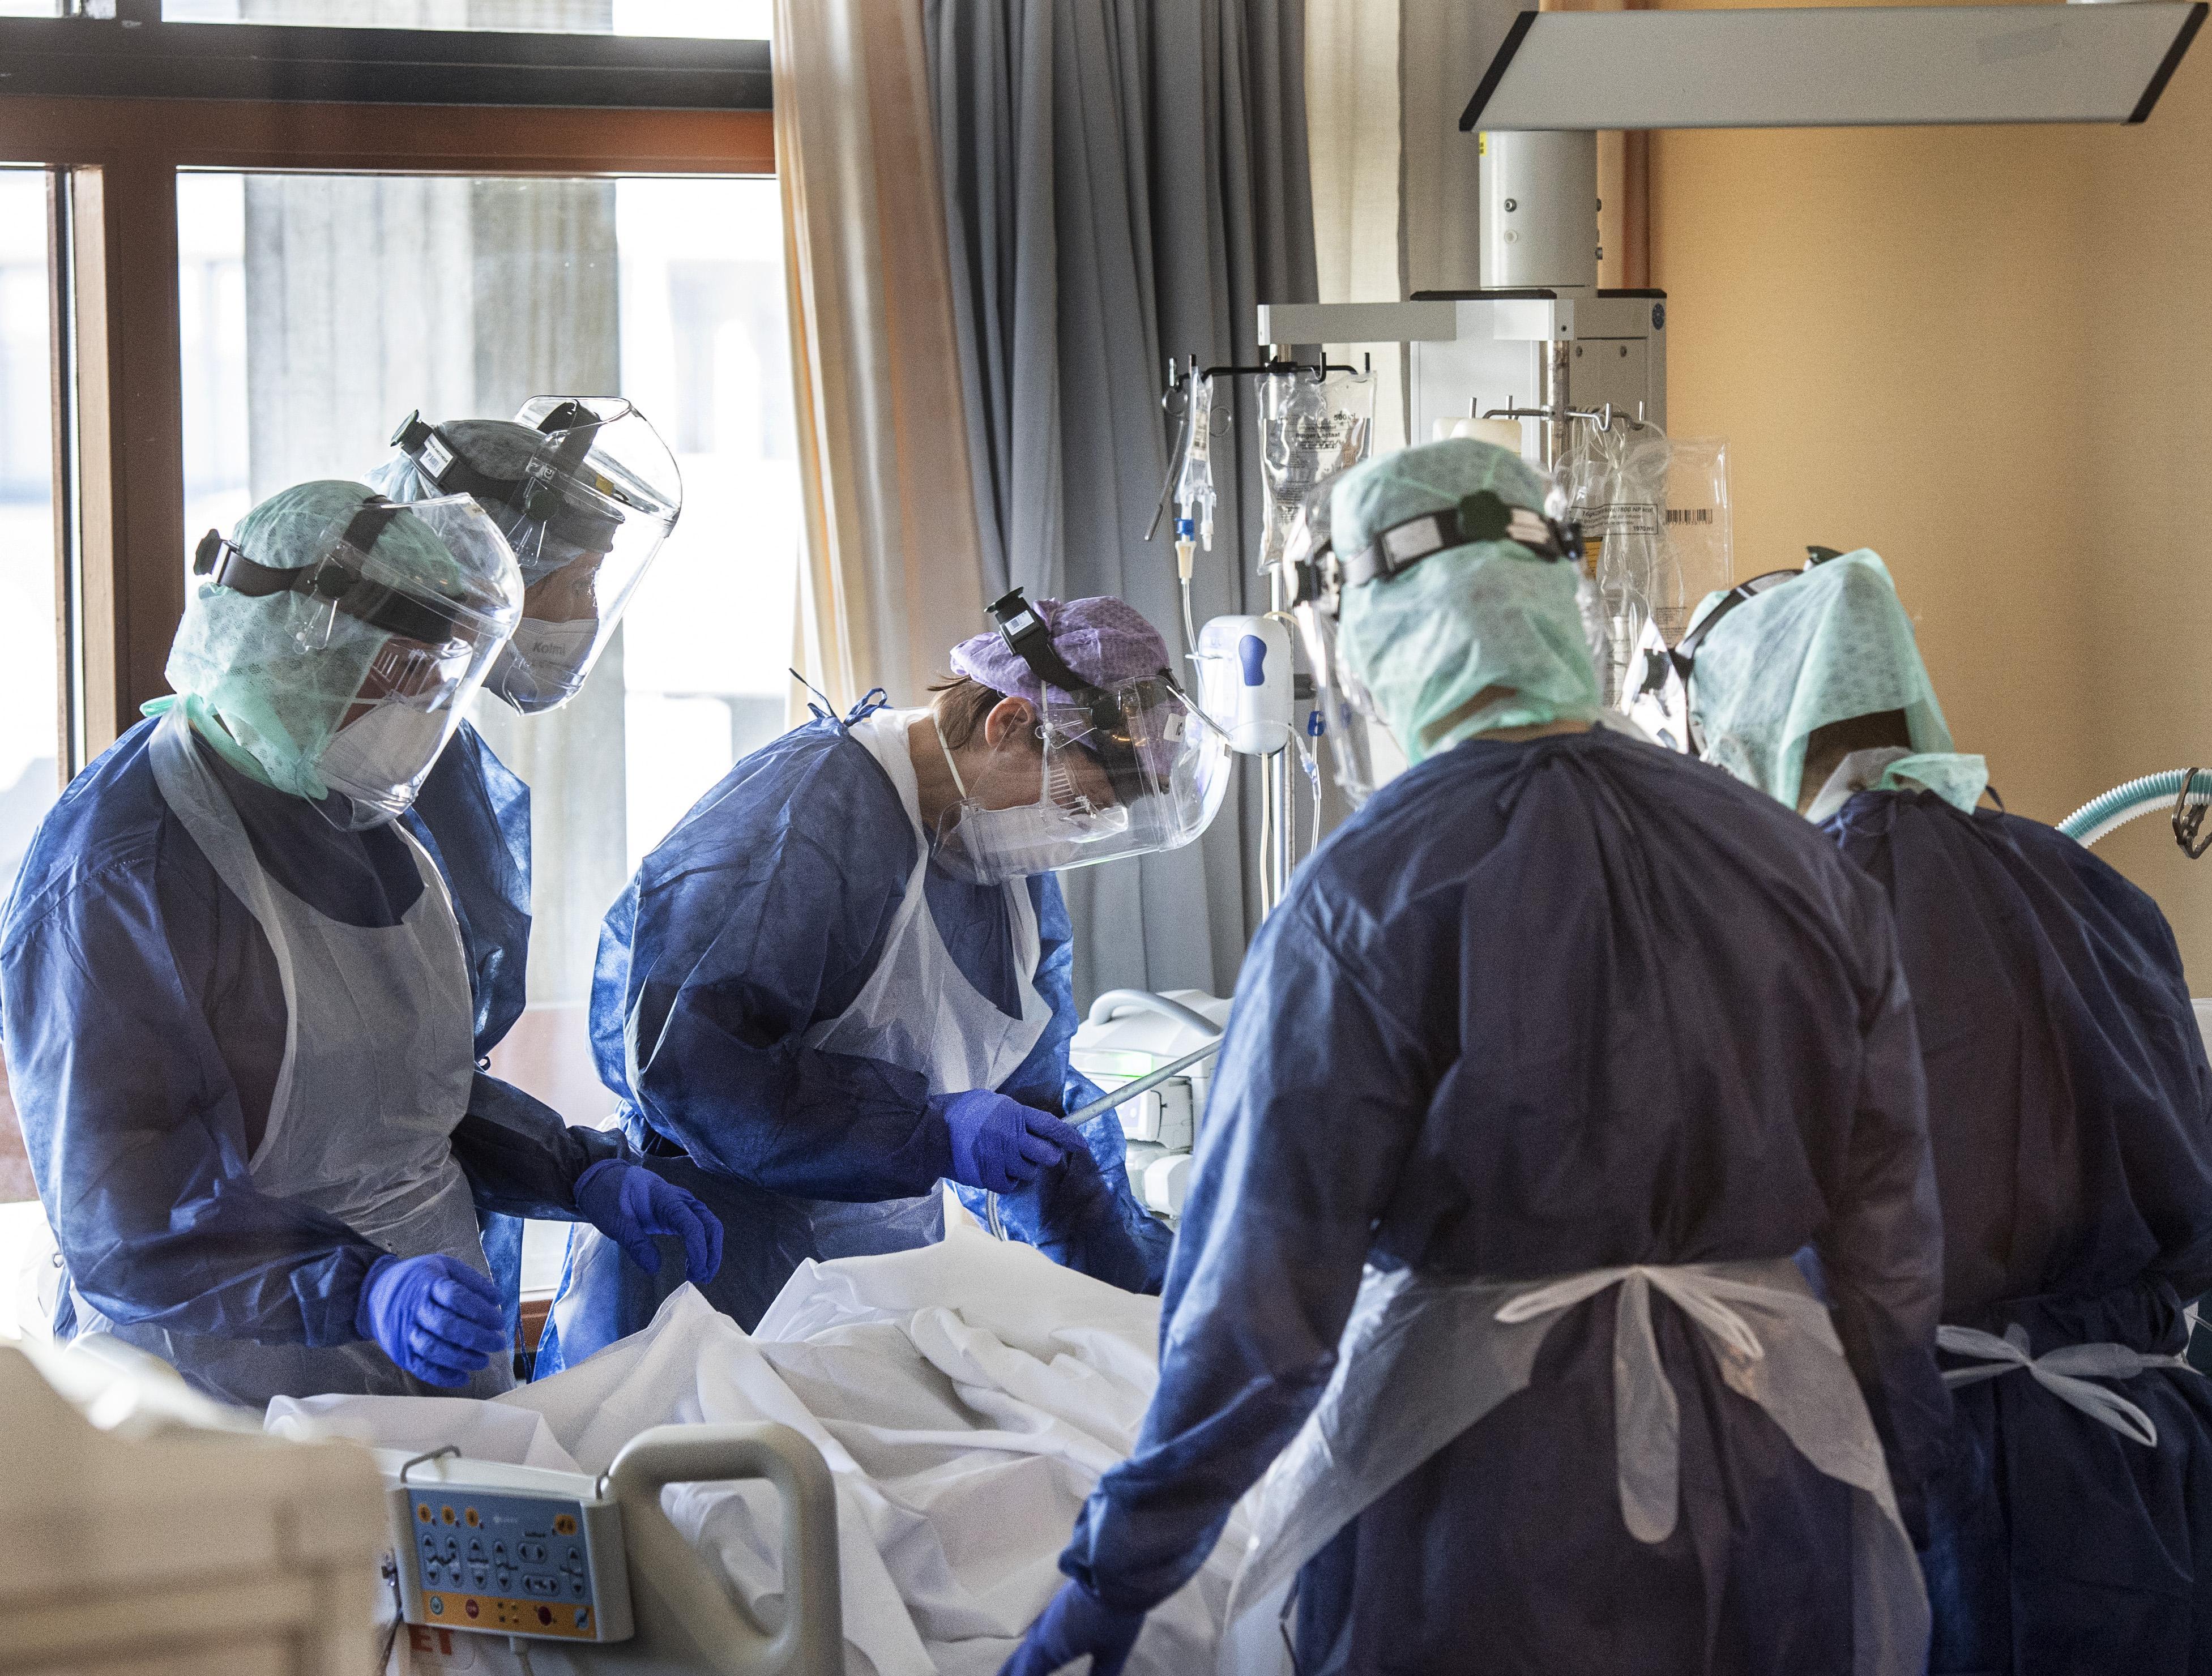 Coronapatiënten Spaarne Gasthuis kunnen eerder naar huis; Samenwerking tussen ziekenhuis, huisartsen en thuiszorgorganisaties